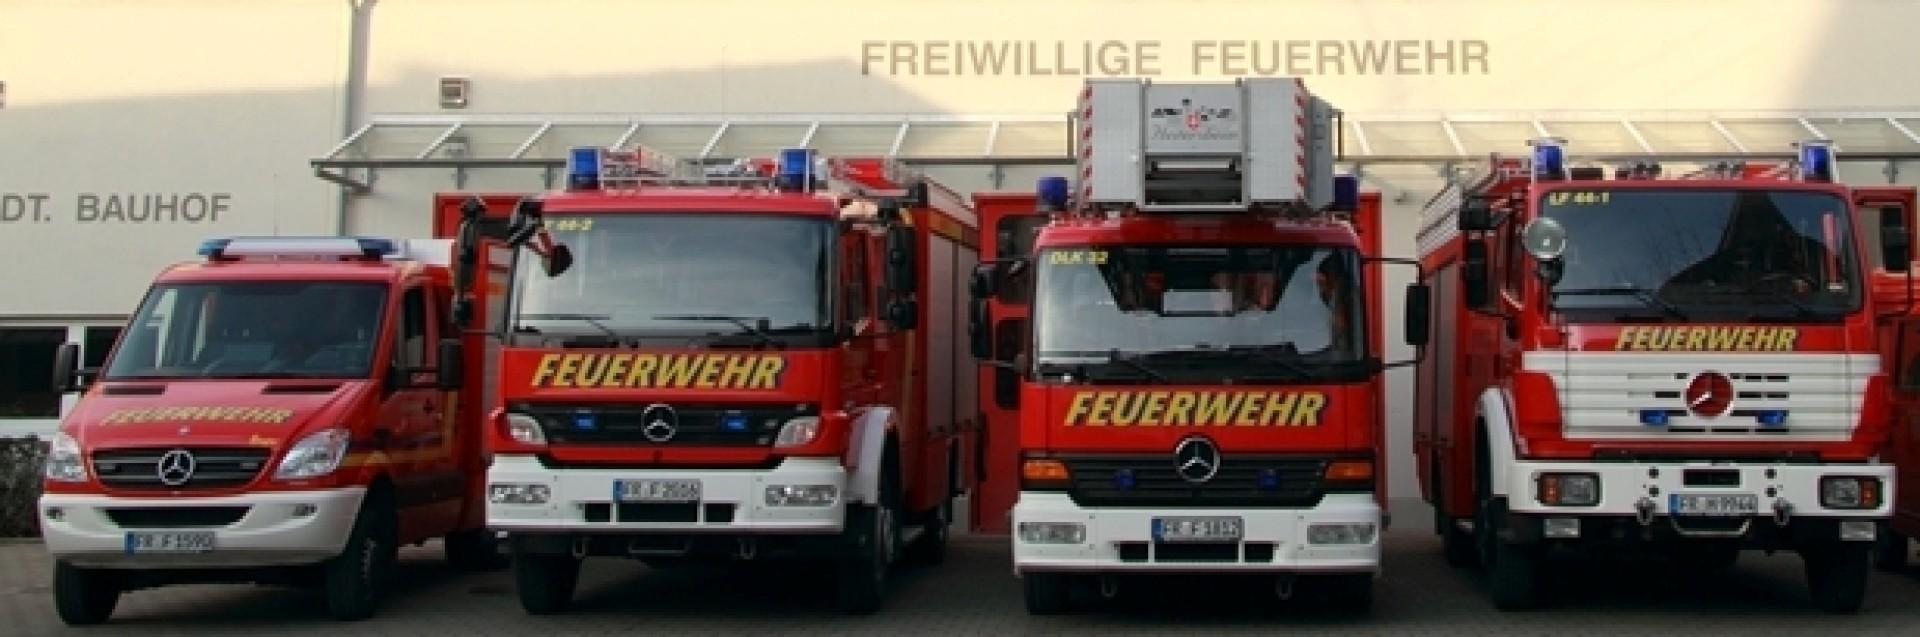 Feuerwehr HEITERSHEIM